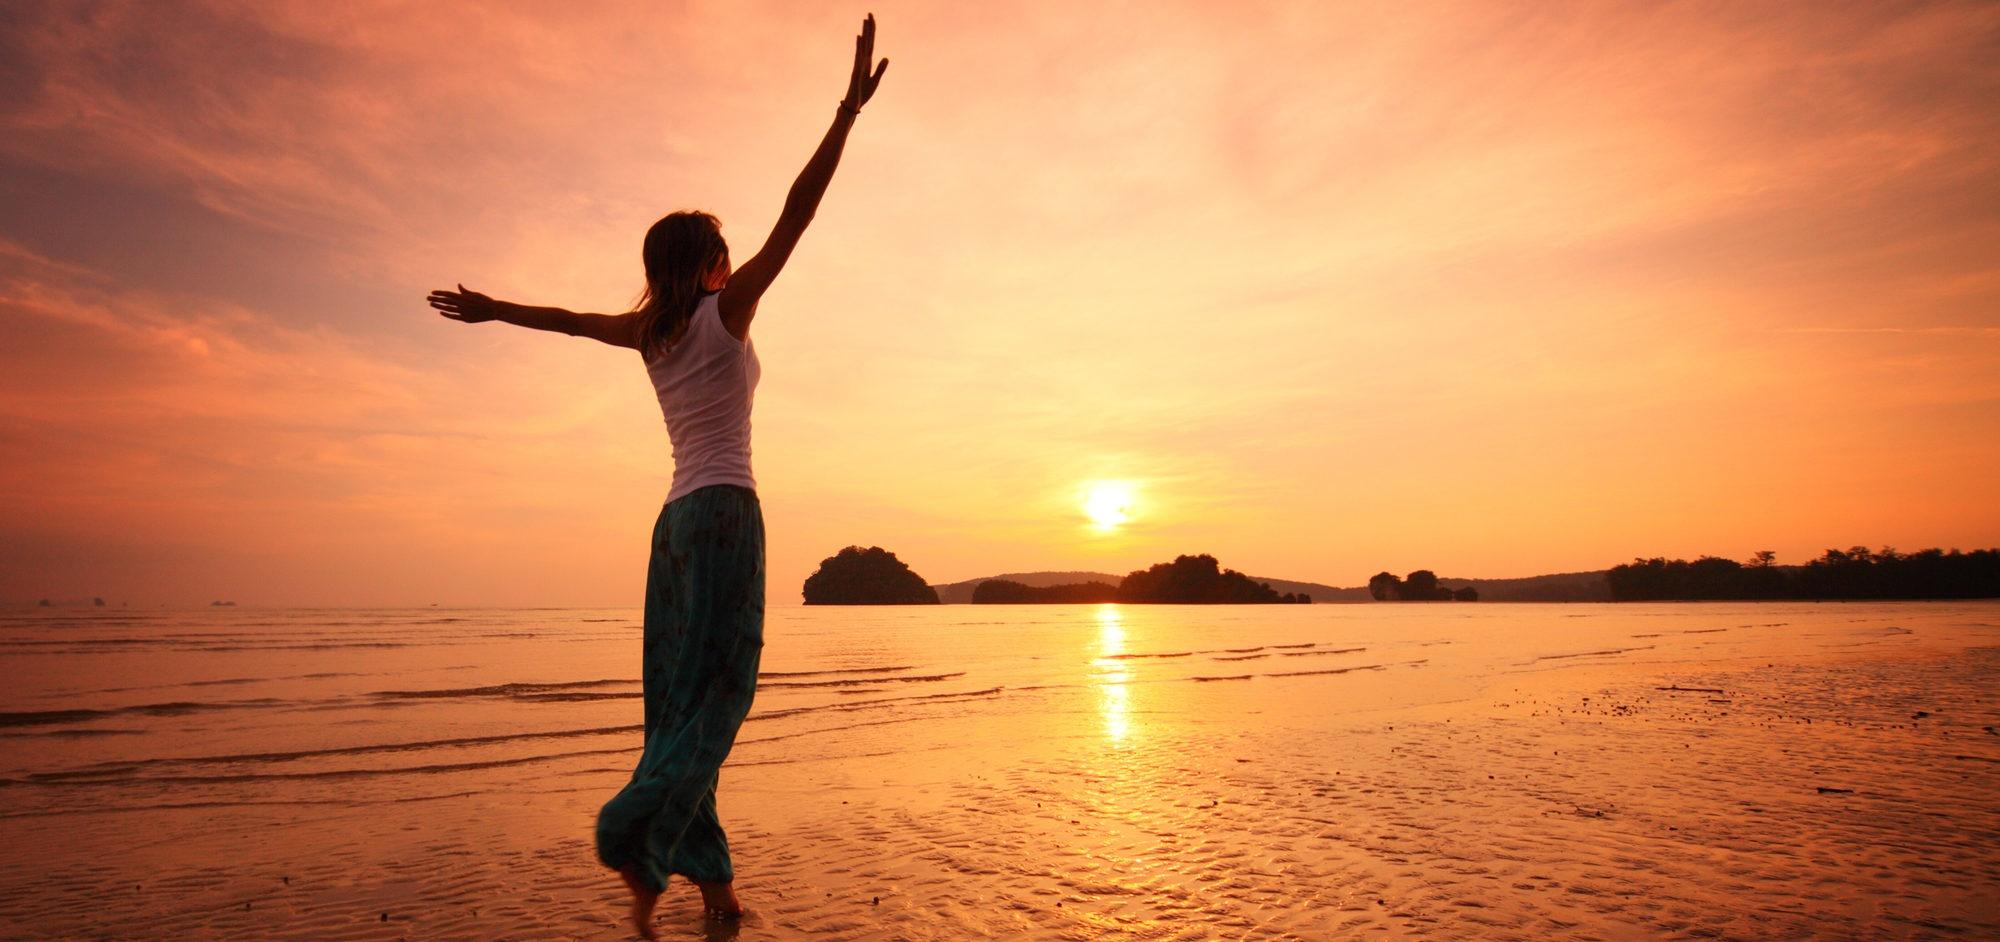 Salmos Para O Amor: 5 Salmos Para Uma Vida Próspera